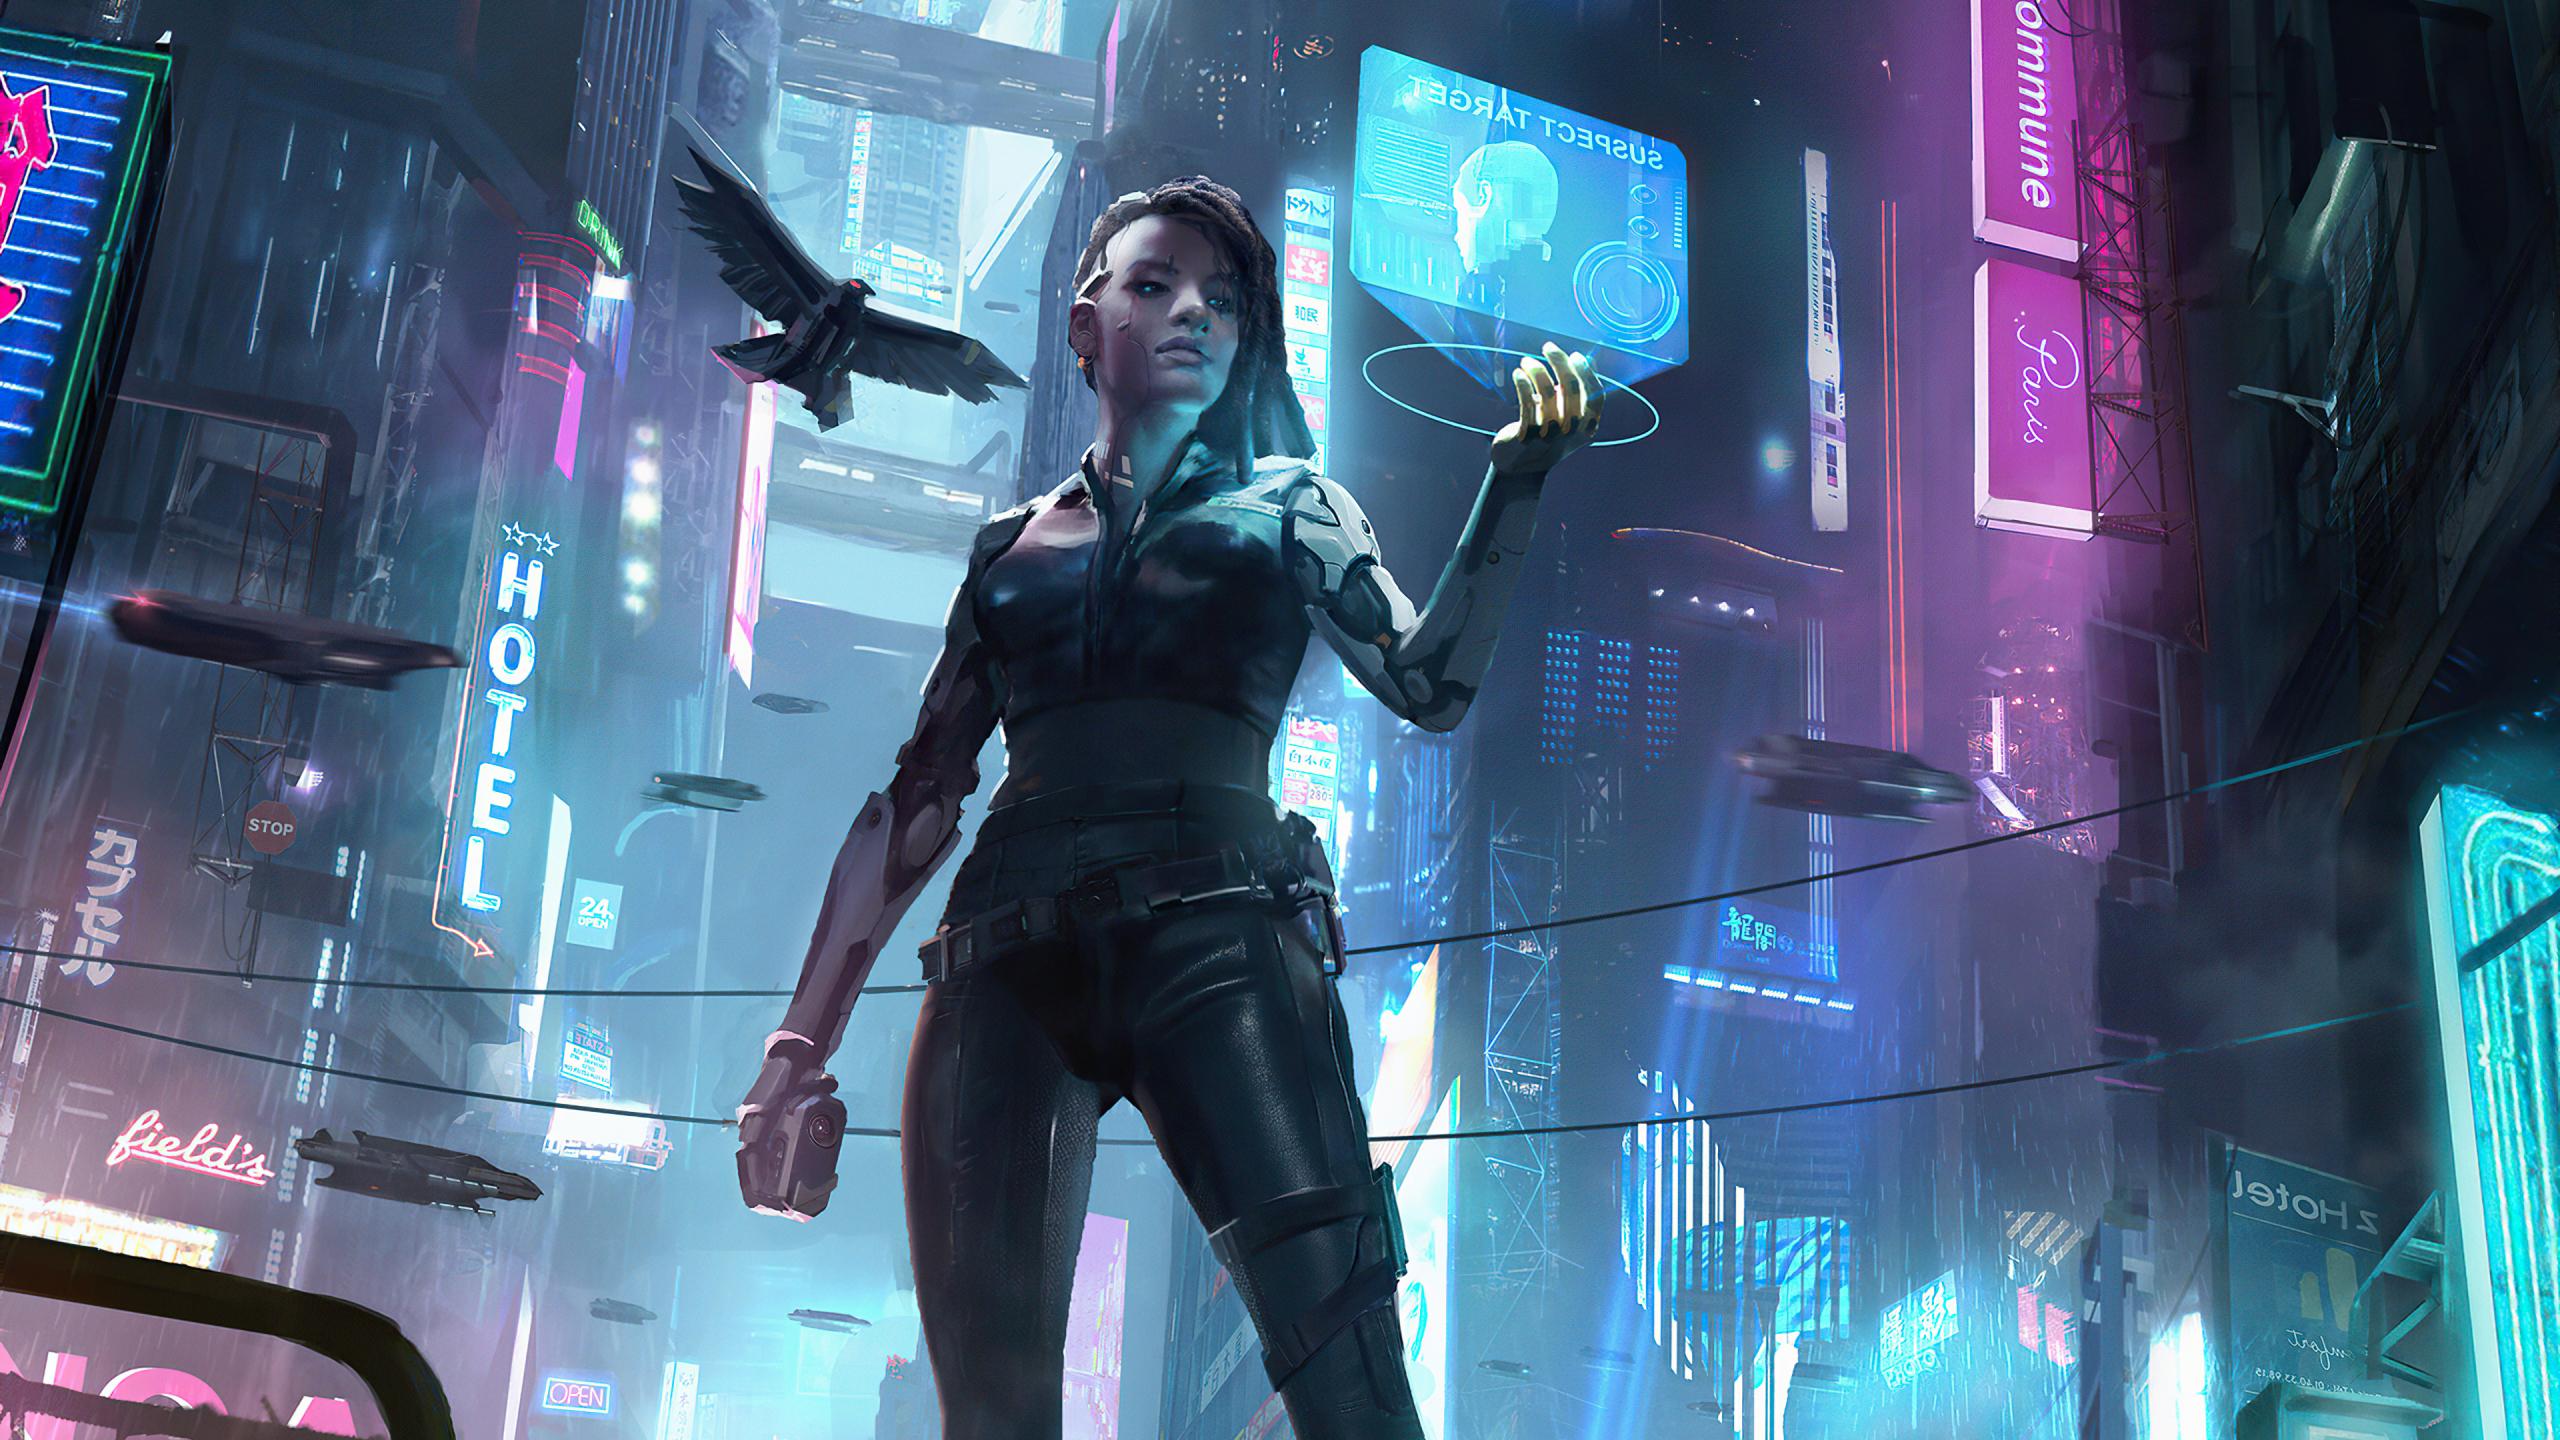 2560x1440 Cyborg Futuristic Cyberpunk Girl 1440P ...